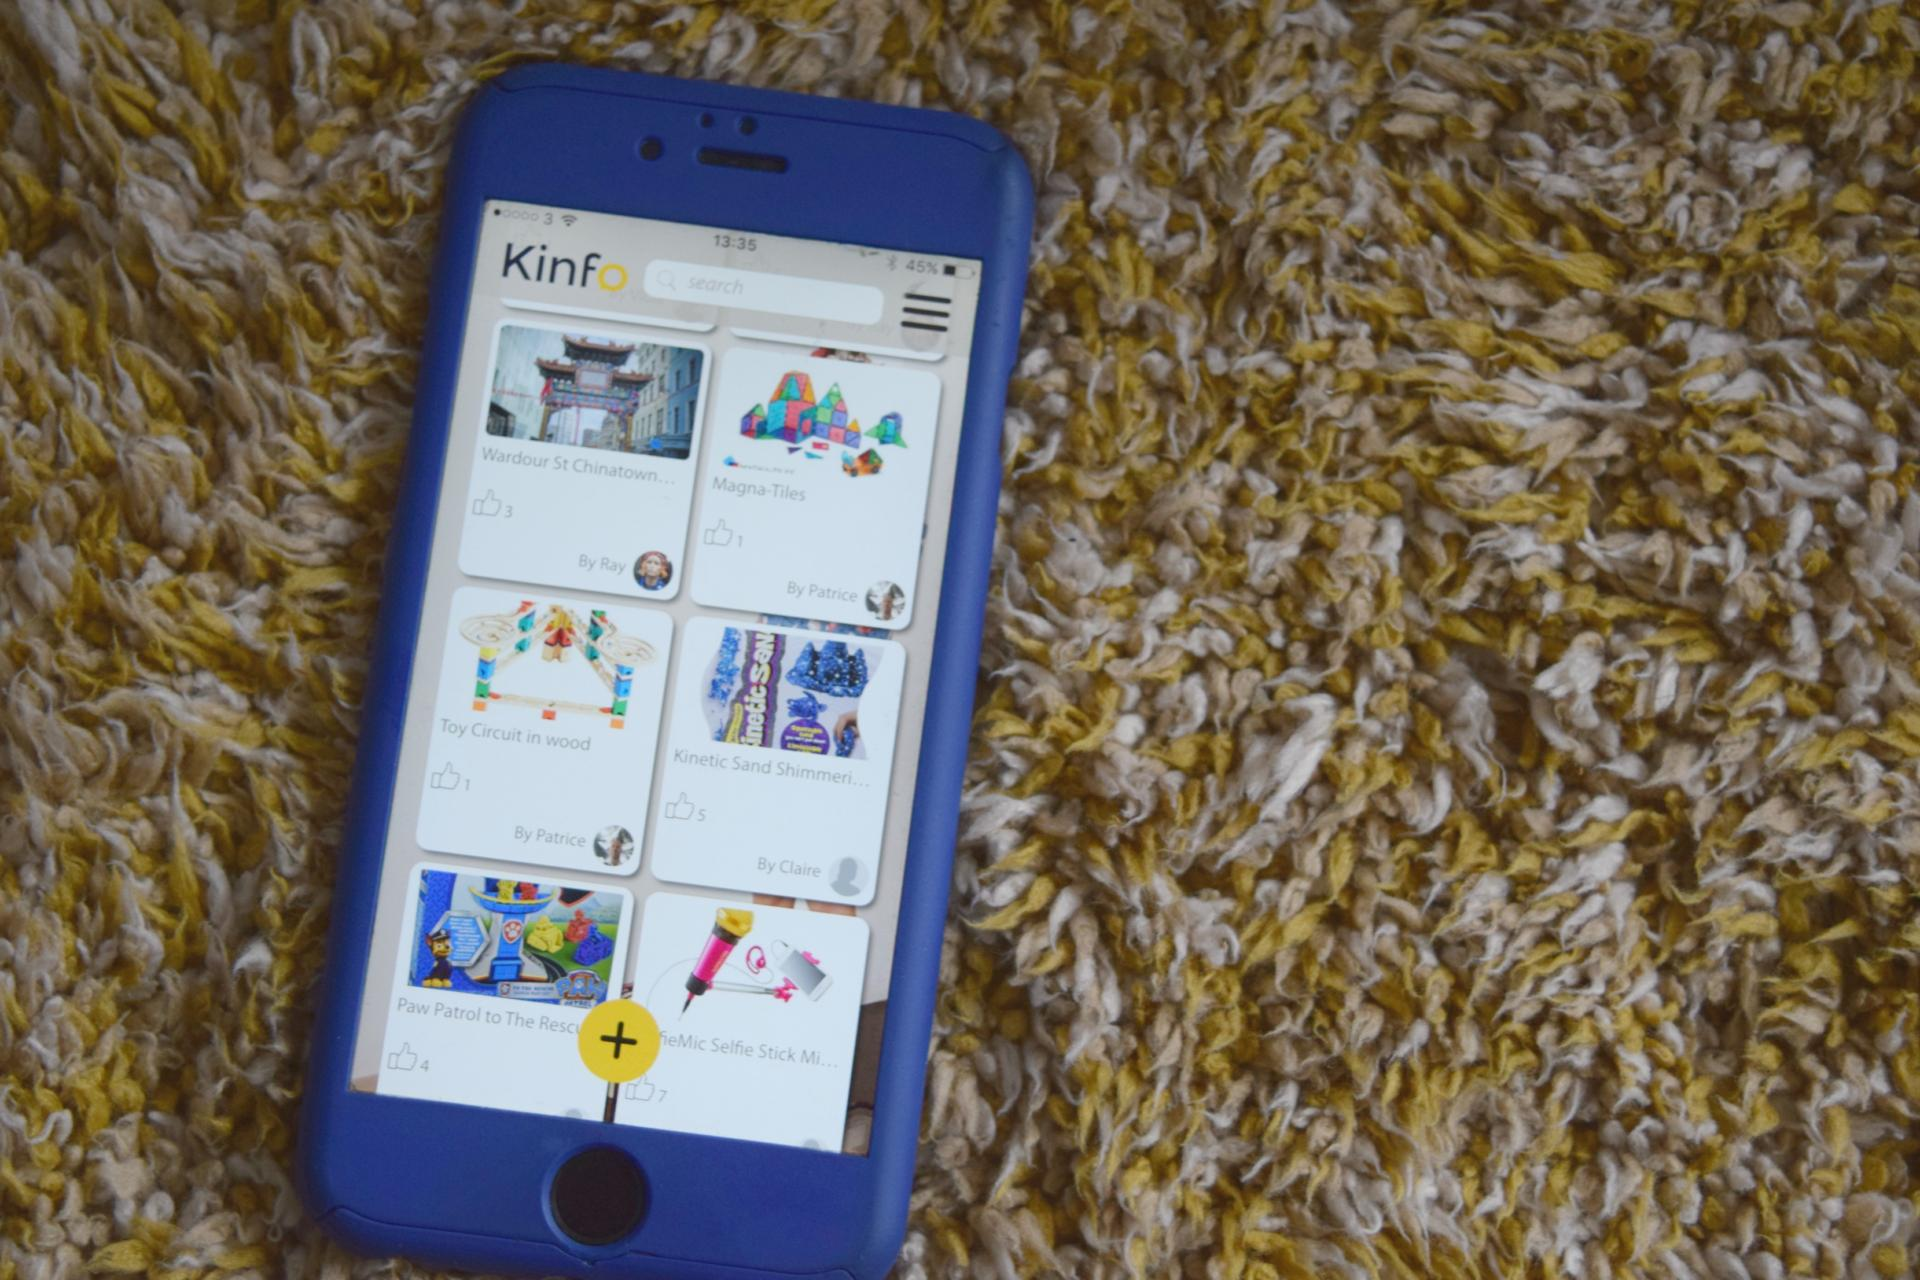 Kinfo app